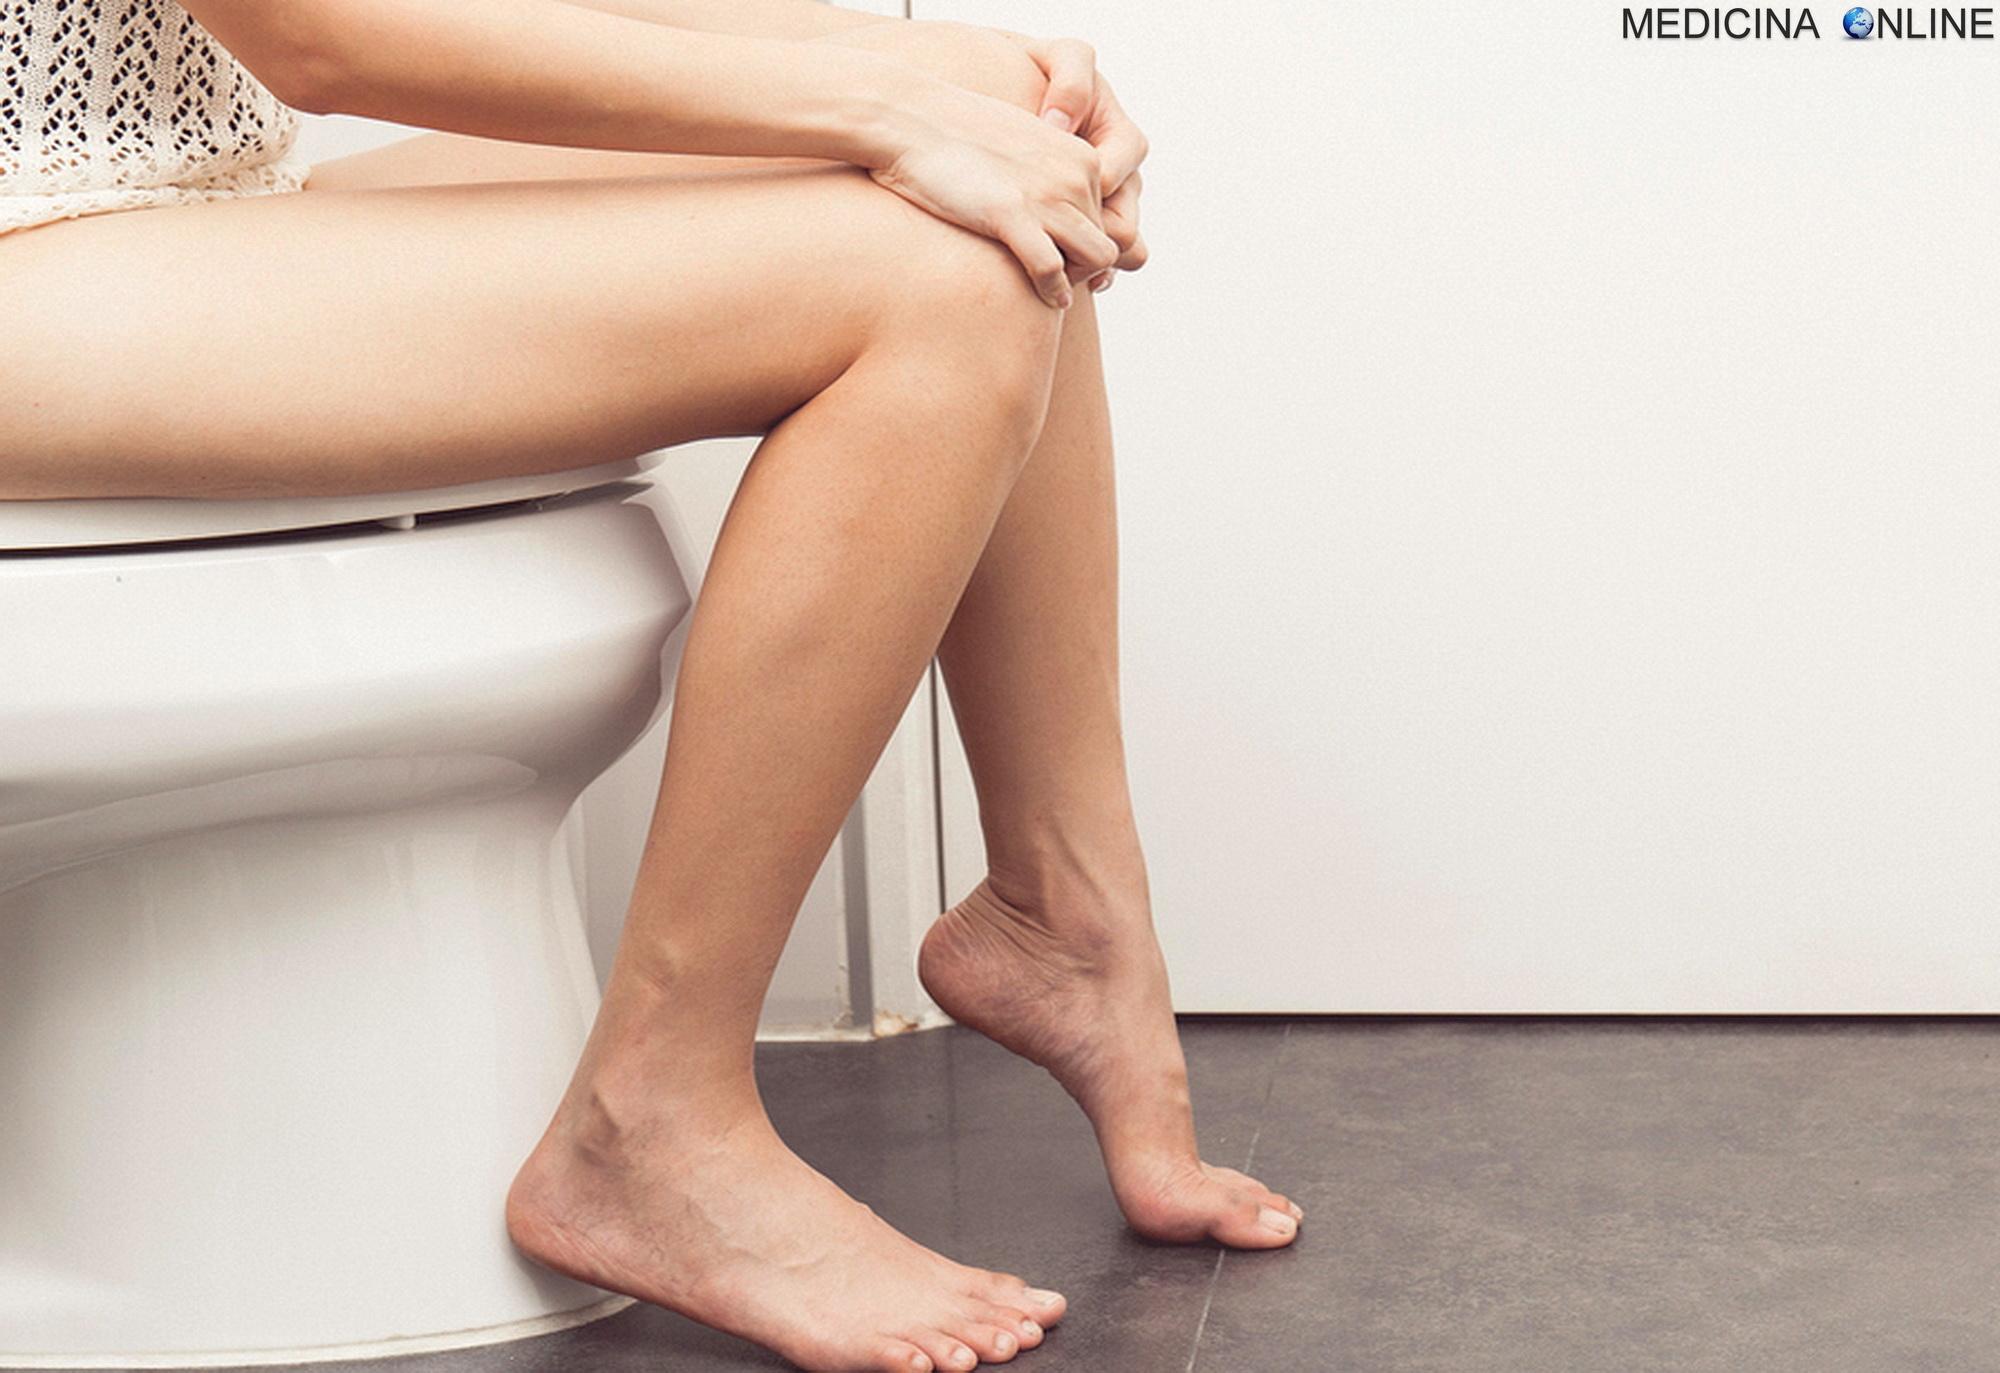 Il cervello dell'uomo durante il sesso - La Mente è Meravigliosa